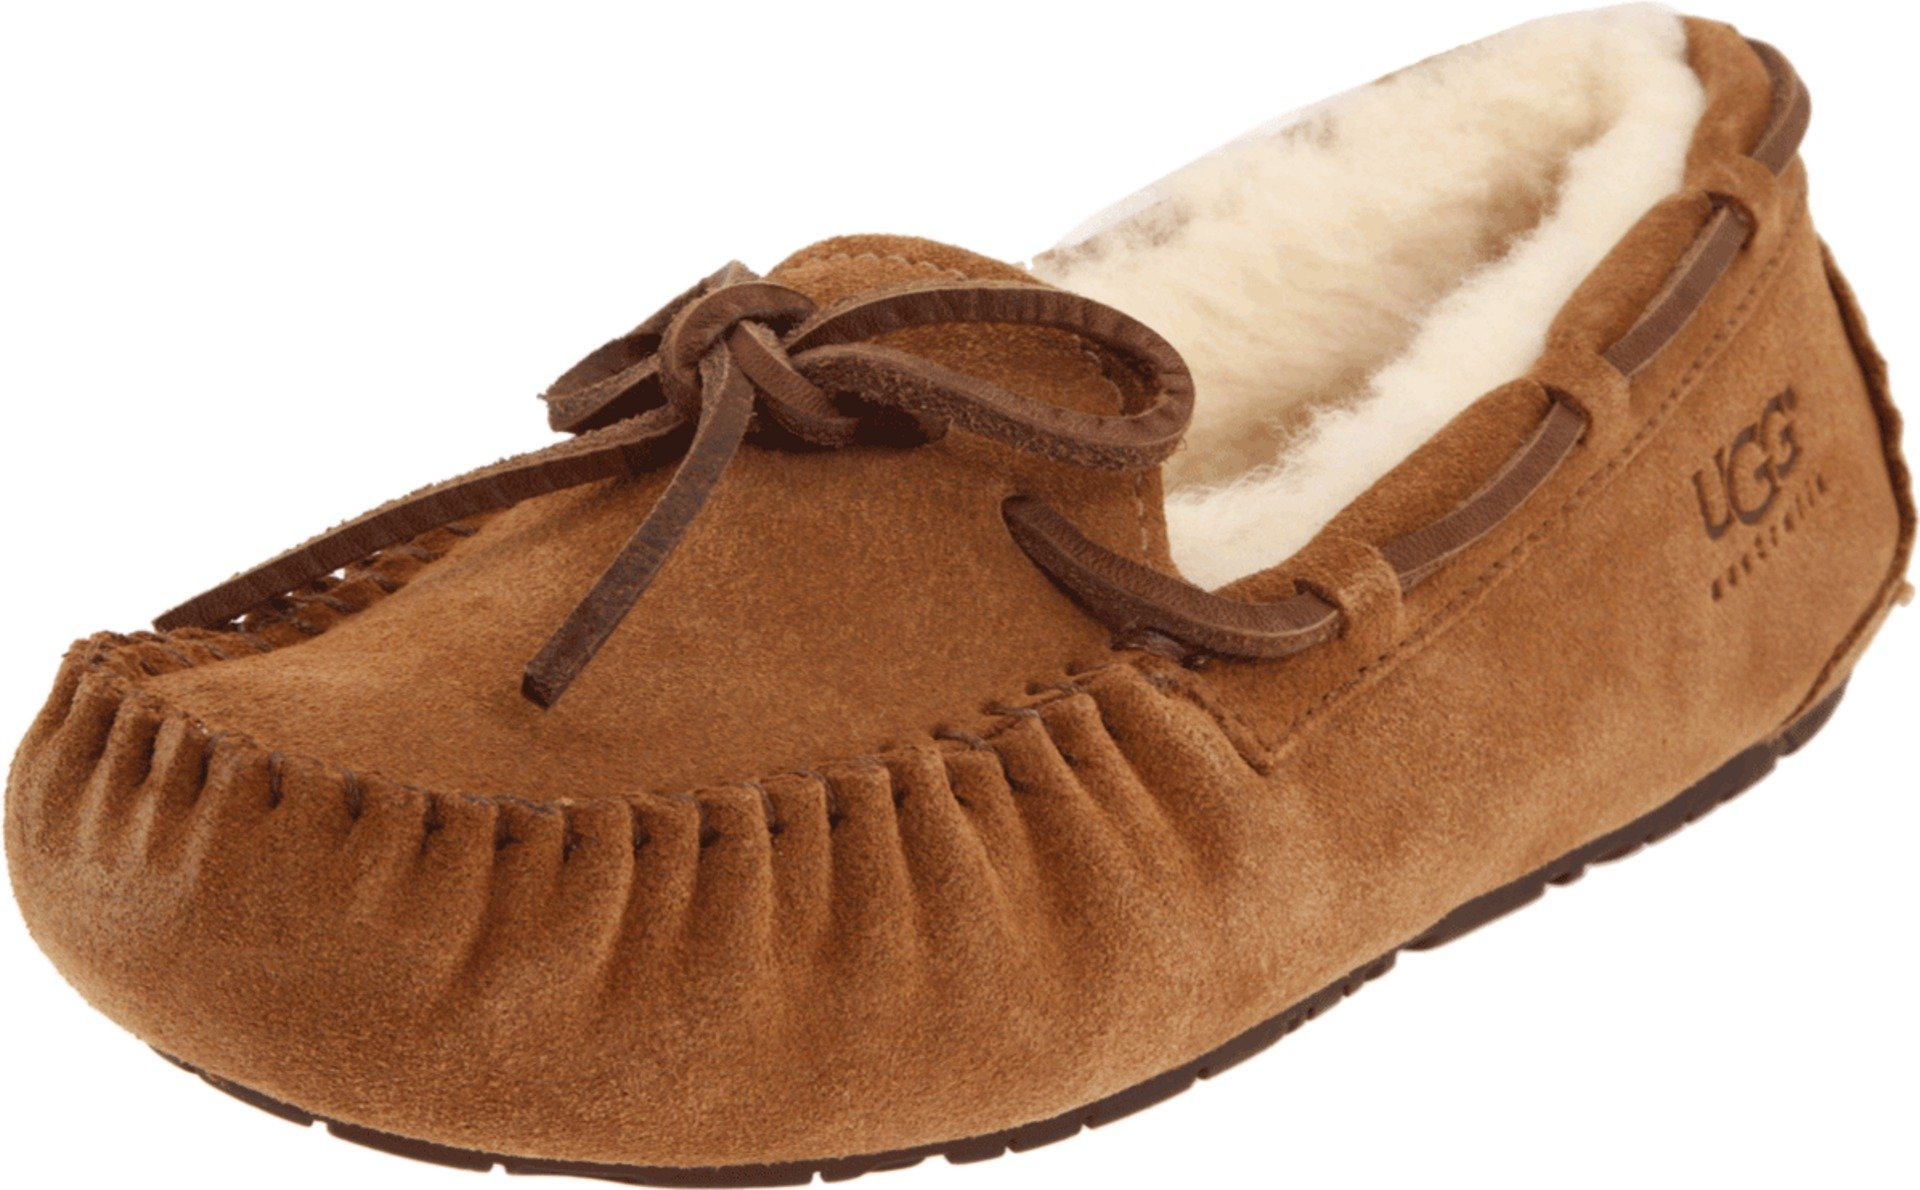 UGG Australia Children's Dakota Casual Shoes,Chestnut,5 Child US